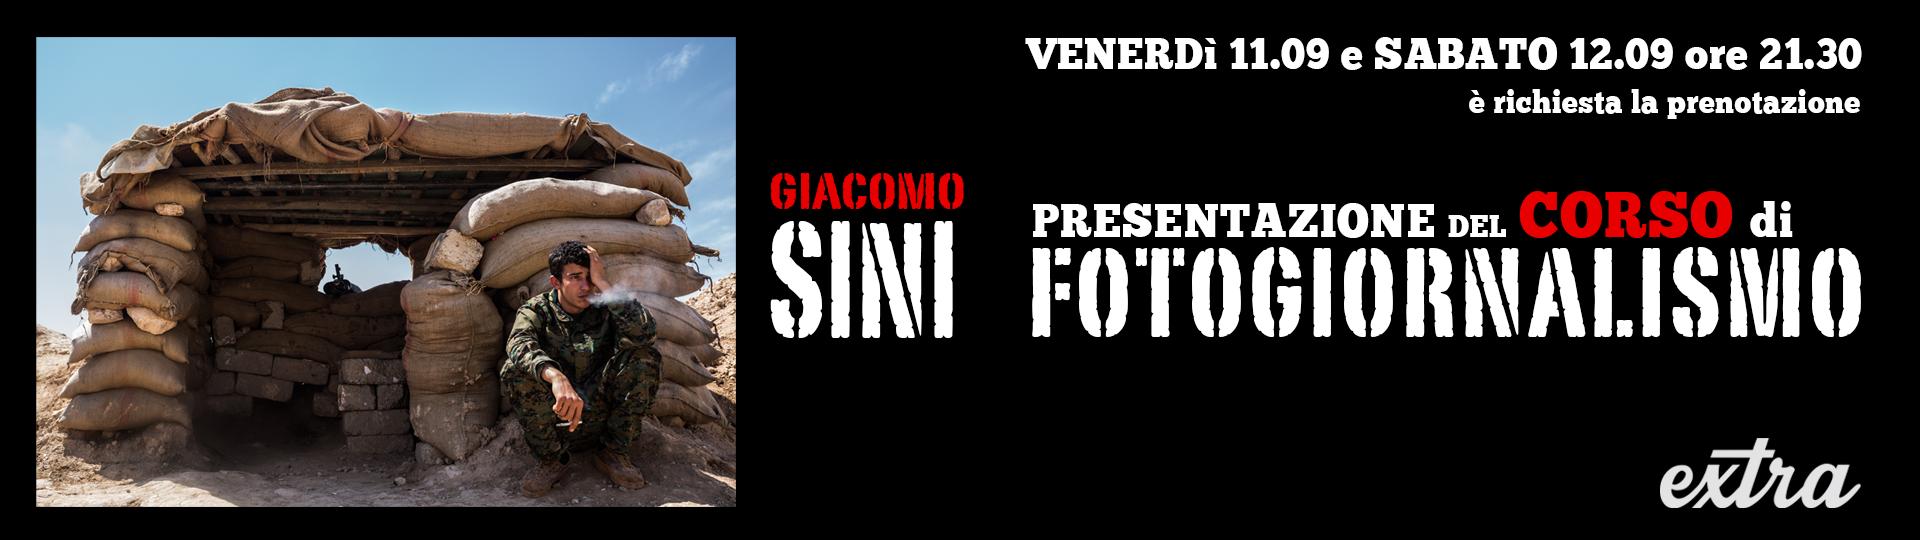 Presentazione Corso di Fotogiornalismo a cura di Giacomo Sini